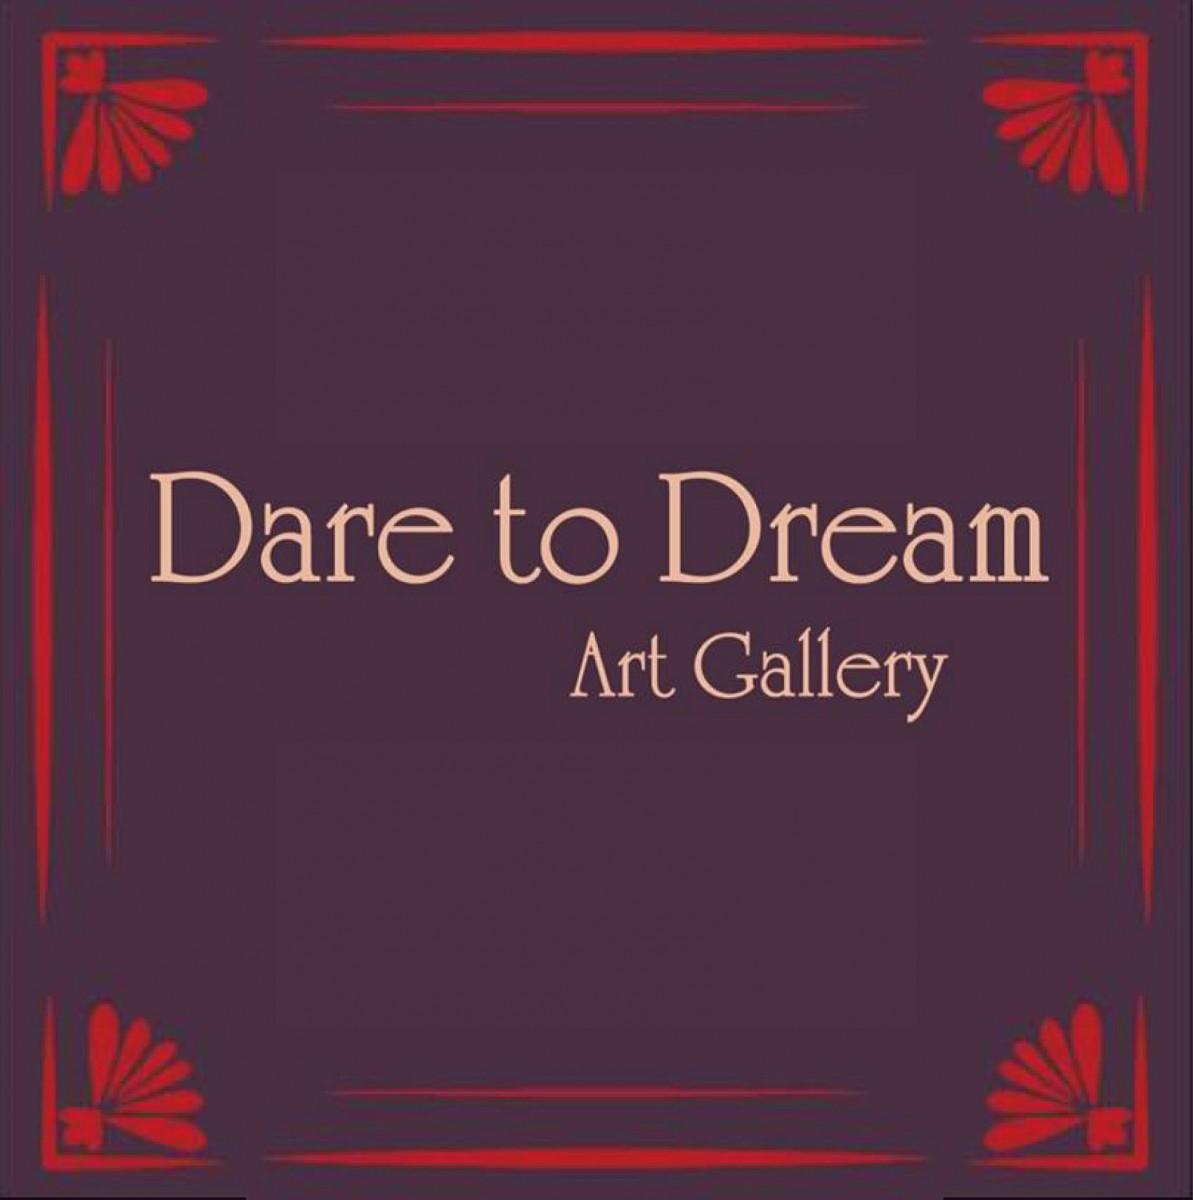 Dare to Dream Art Gallery